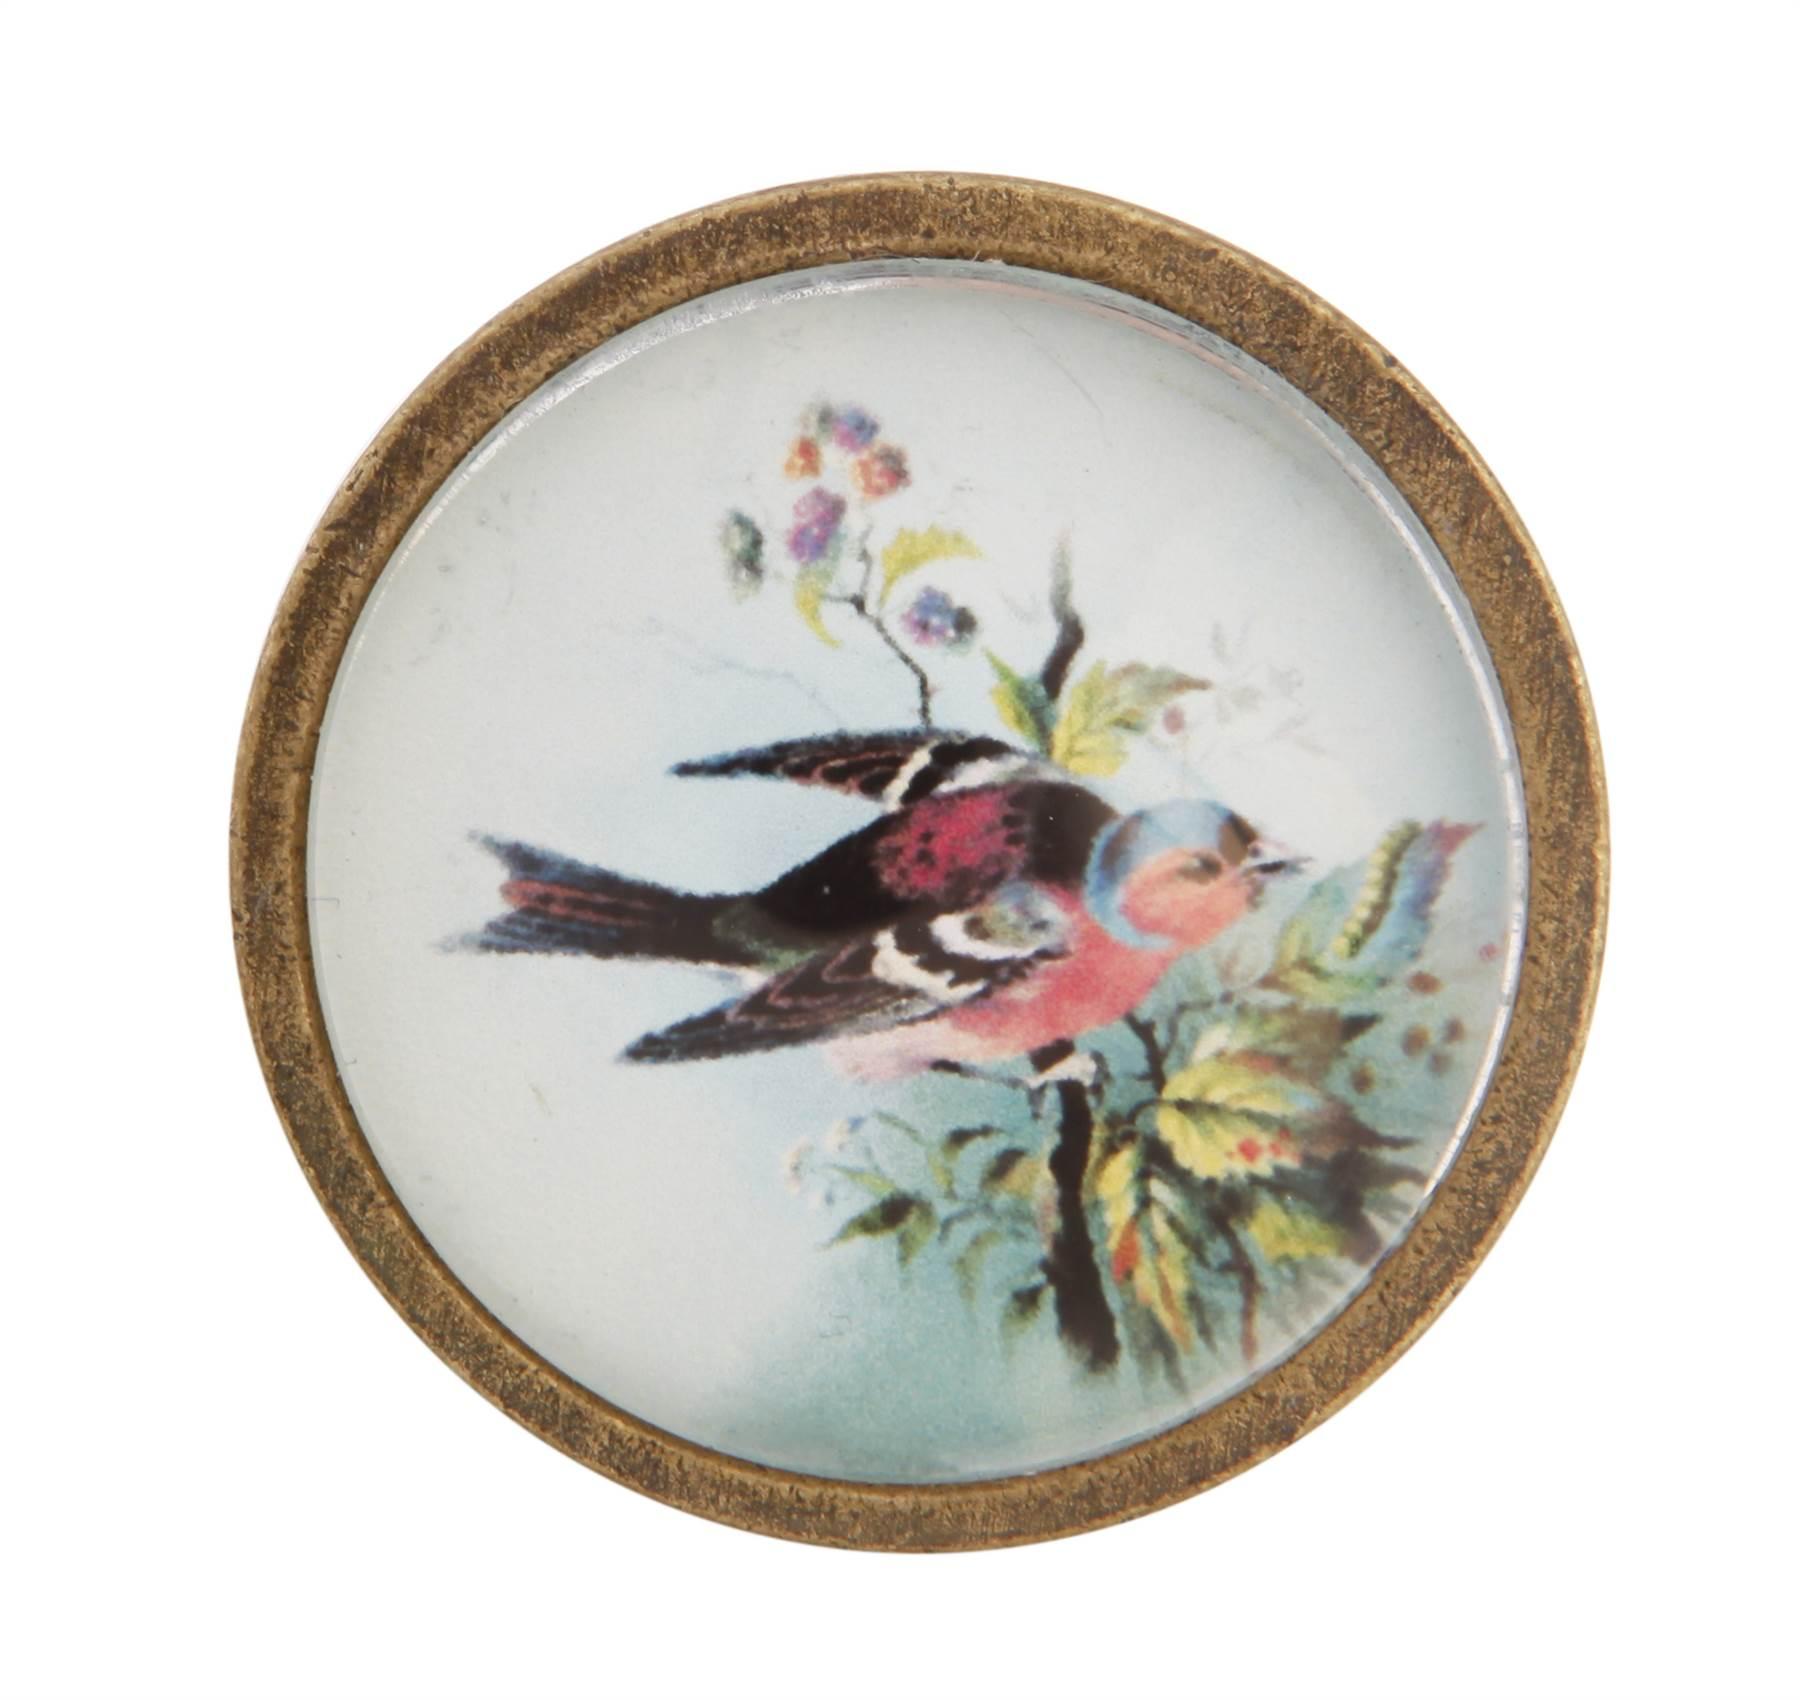 Uniques boutons verre peint meuble poign e vintage us chic oiseaux insectes - Poignee meuble vintage ...